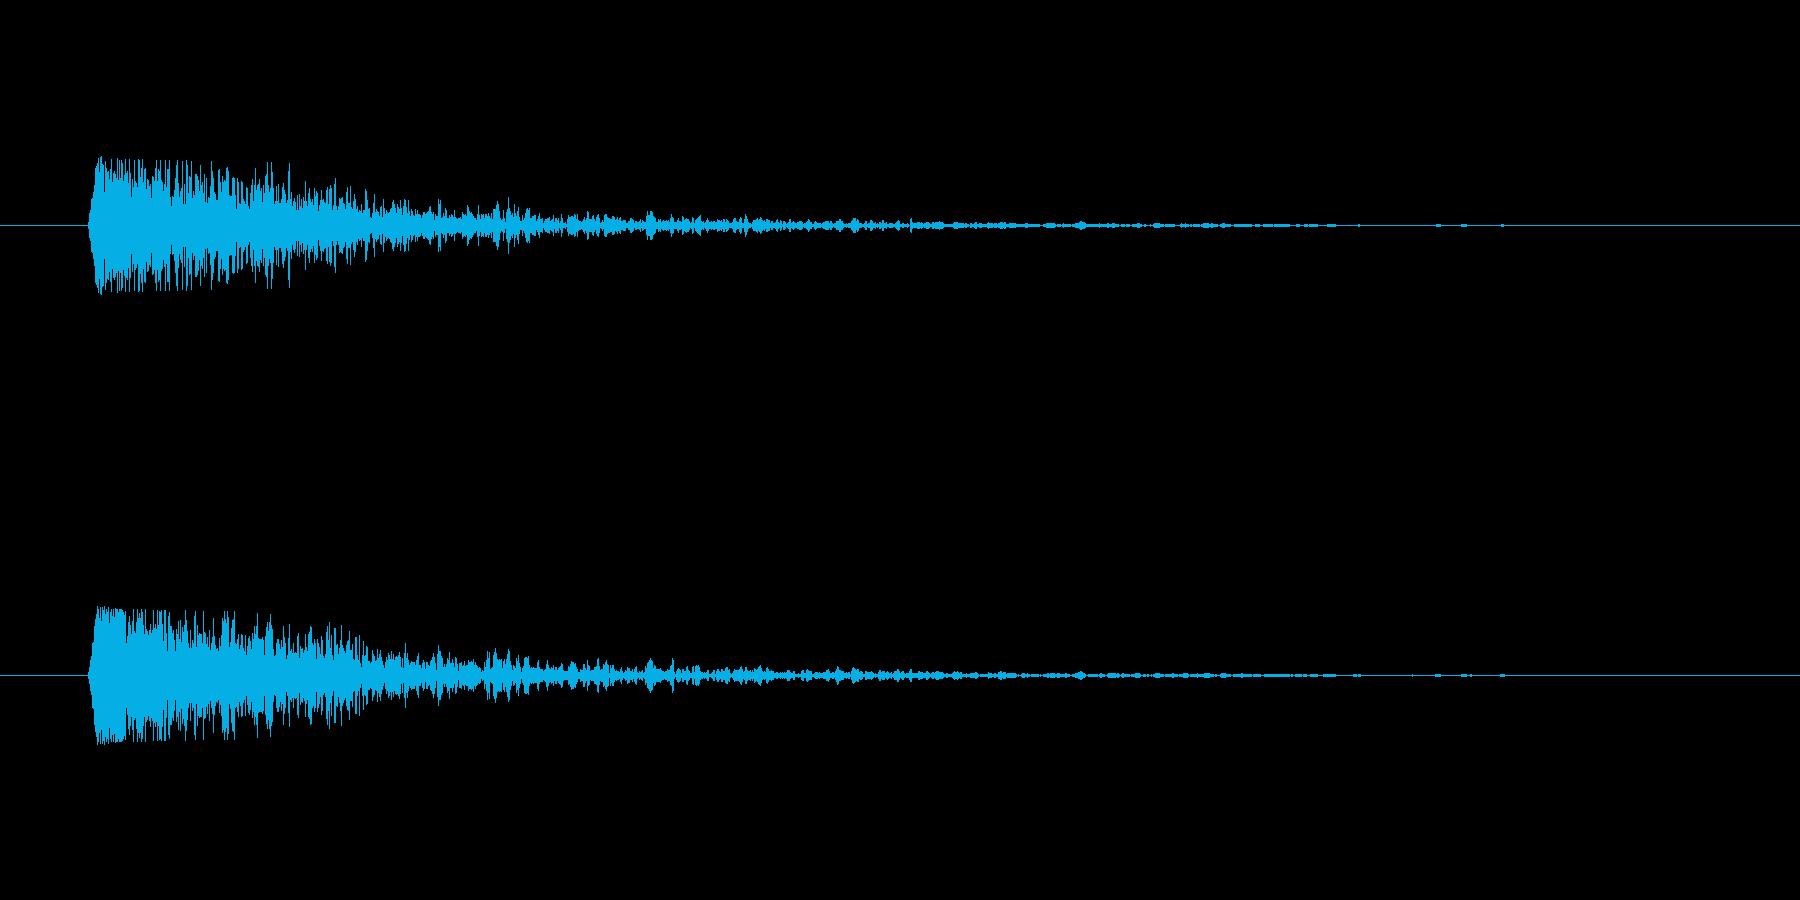 どーん、鉄の思い扉を閉める音の再生済みの波形